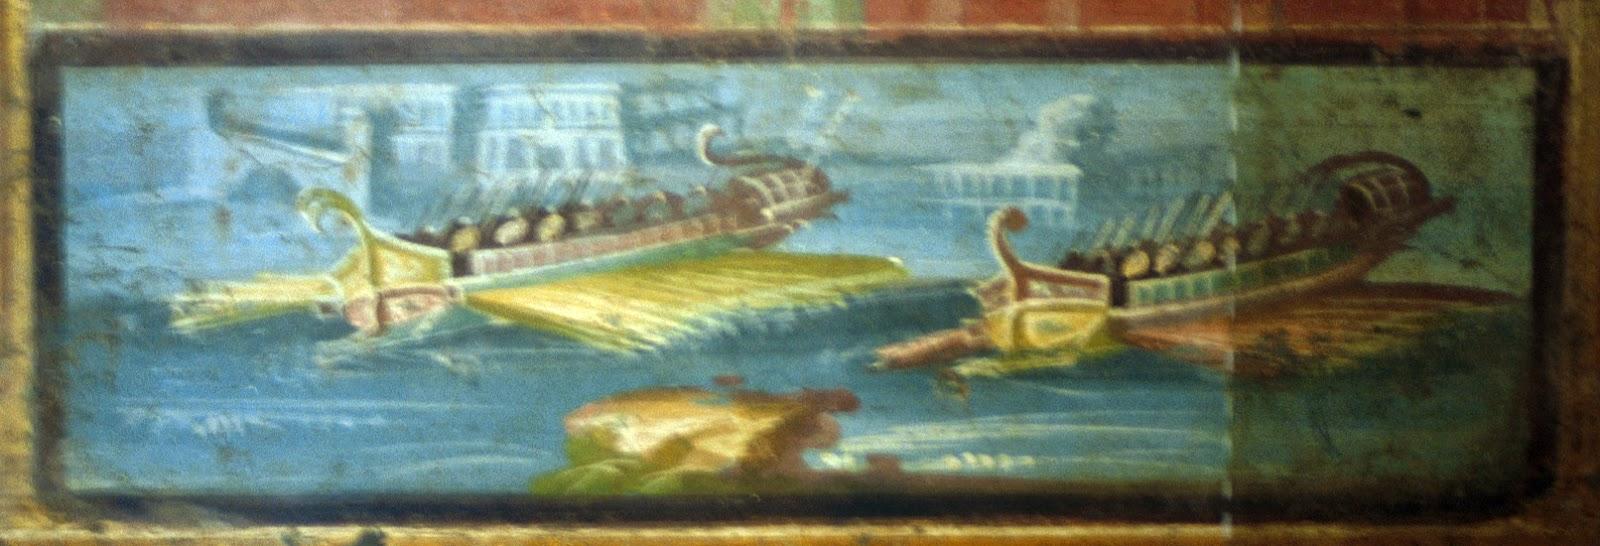 Detalle del fresco del templo de Isis en Pompeya